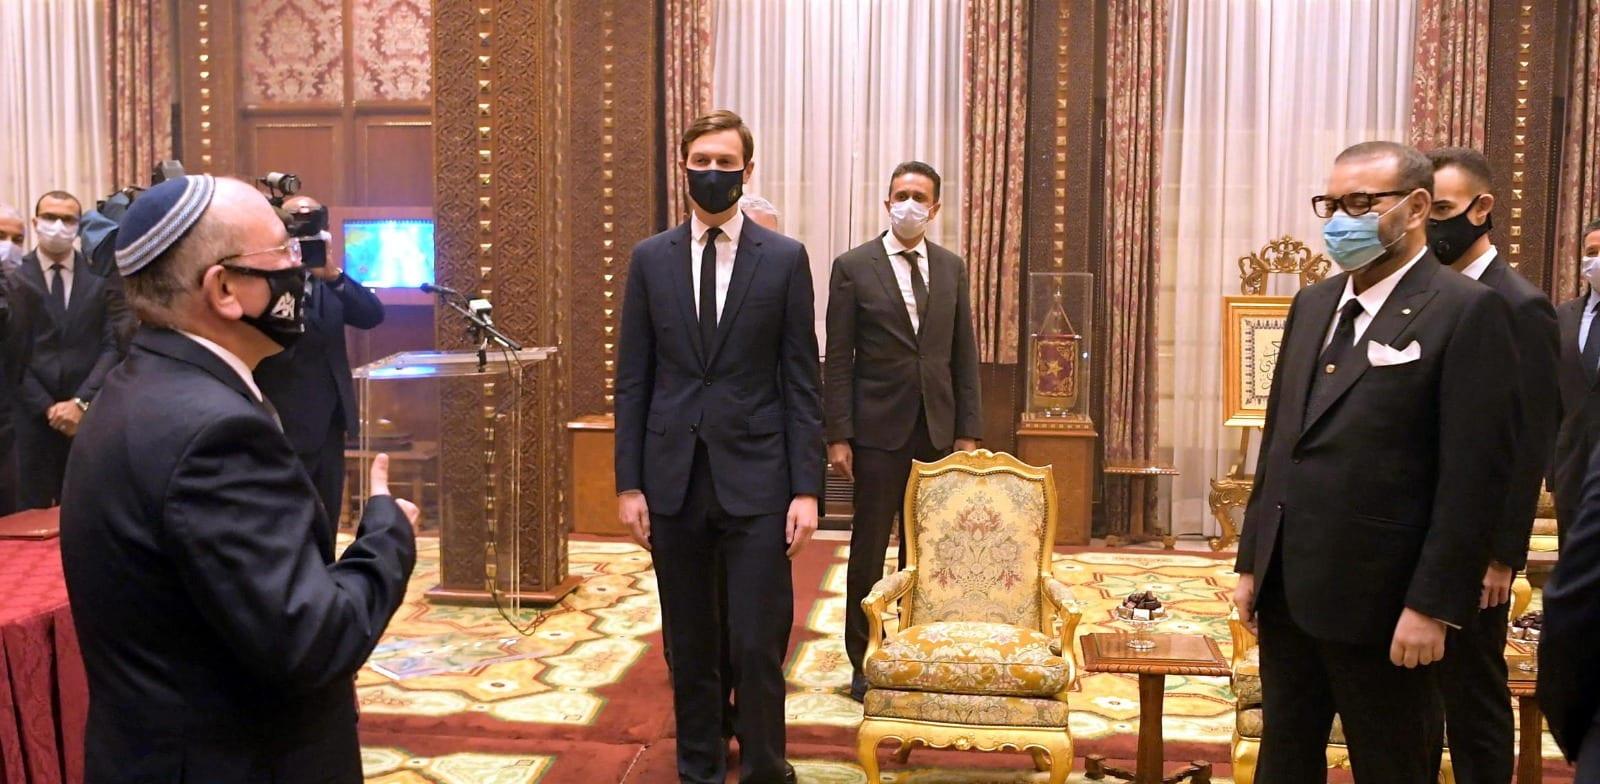 """ראש המל""""ל וג'ראד קושנר בפגישה עם מלך מרוקו / צילום: דוברות הכנסת עמוס בן גרשום"""